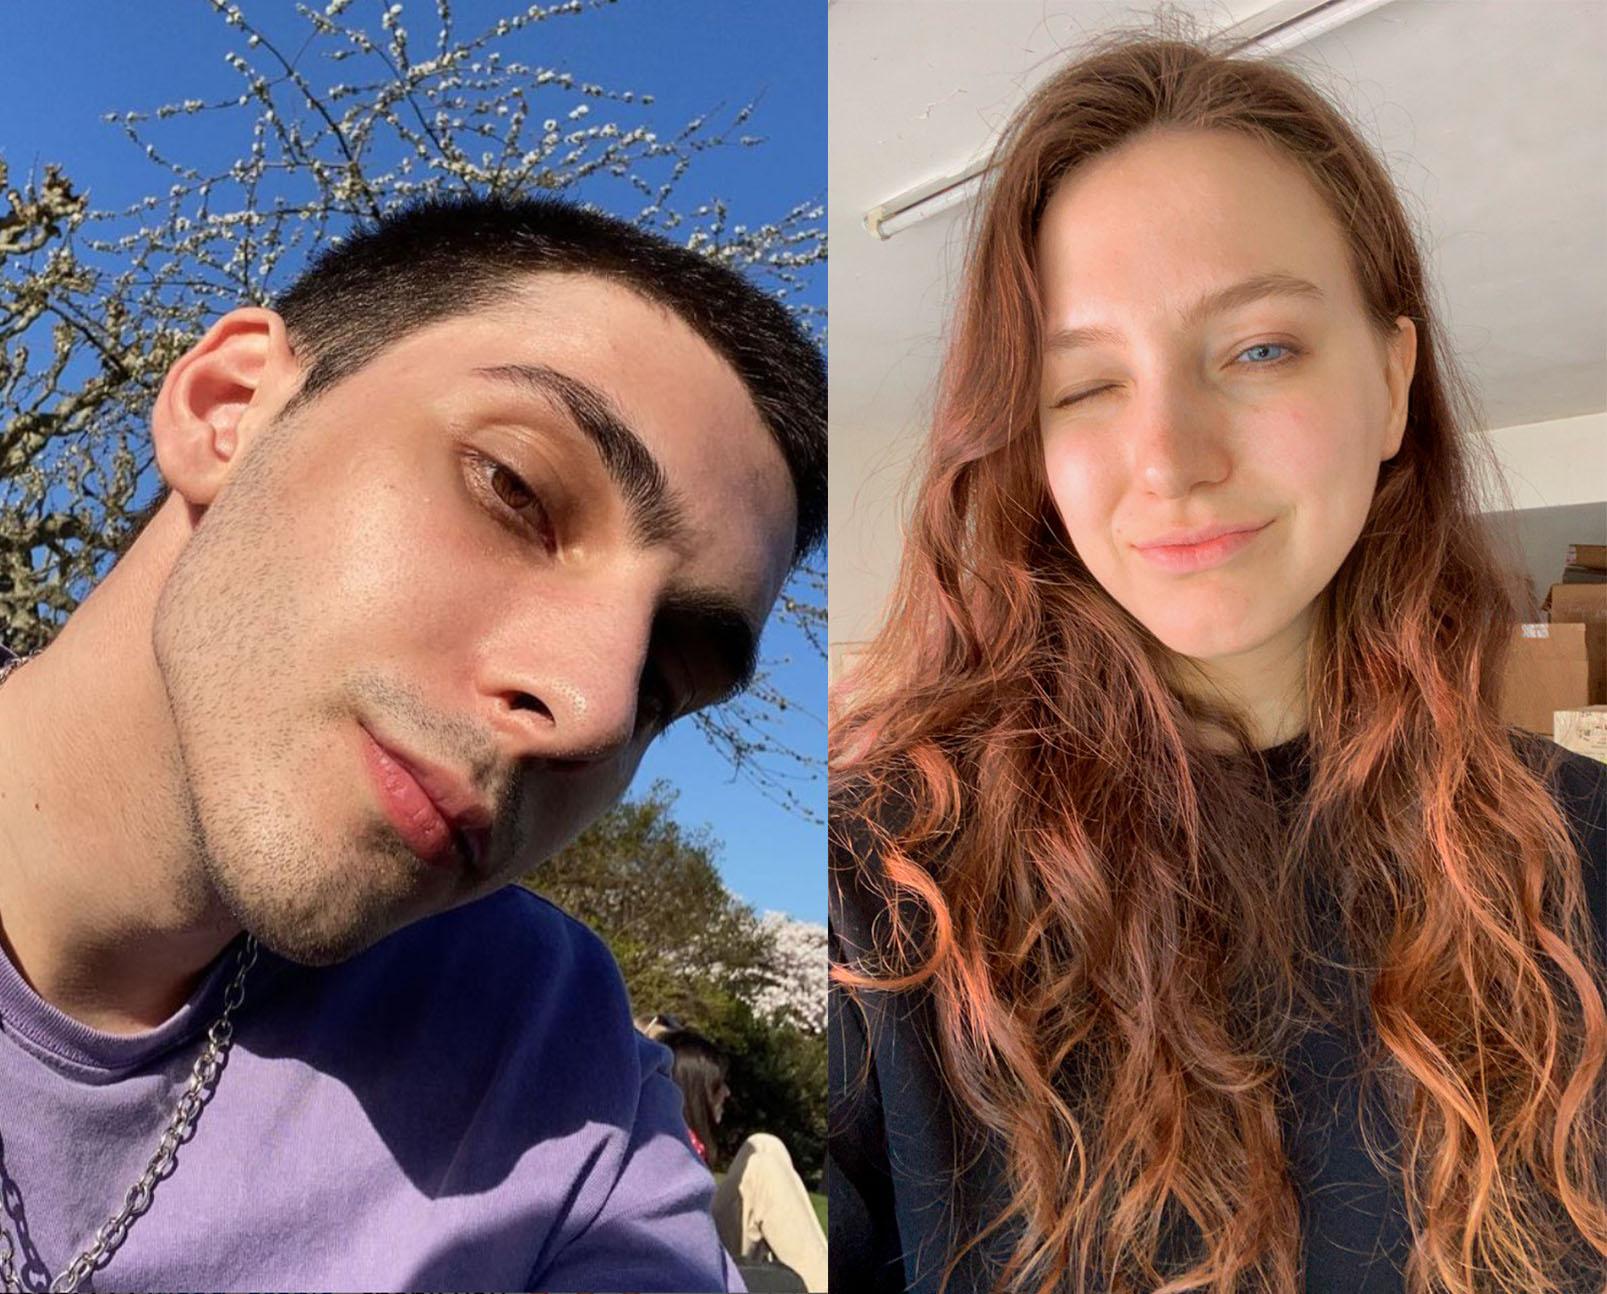 Русский парень из Германии и девушка из Китая рассказали о ситуации с COVID-19 в своих городах. Штраф 4 тысячи евро и платная вакцинация